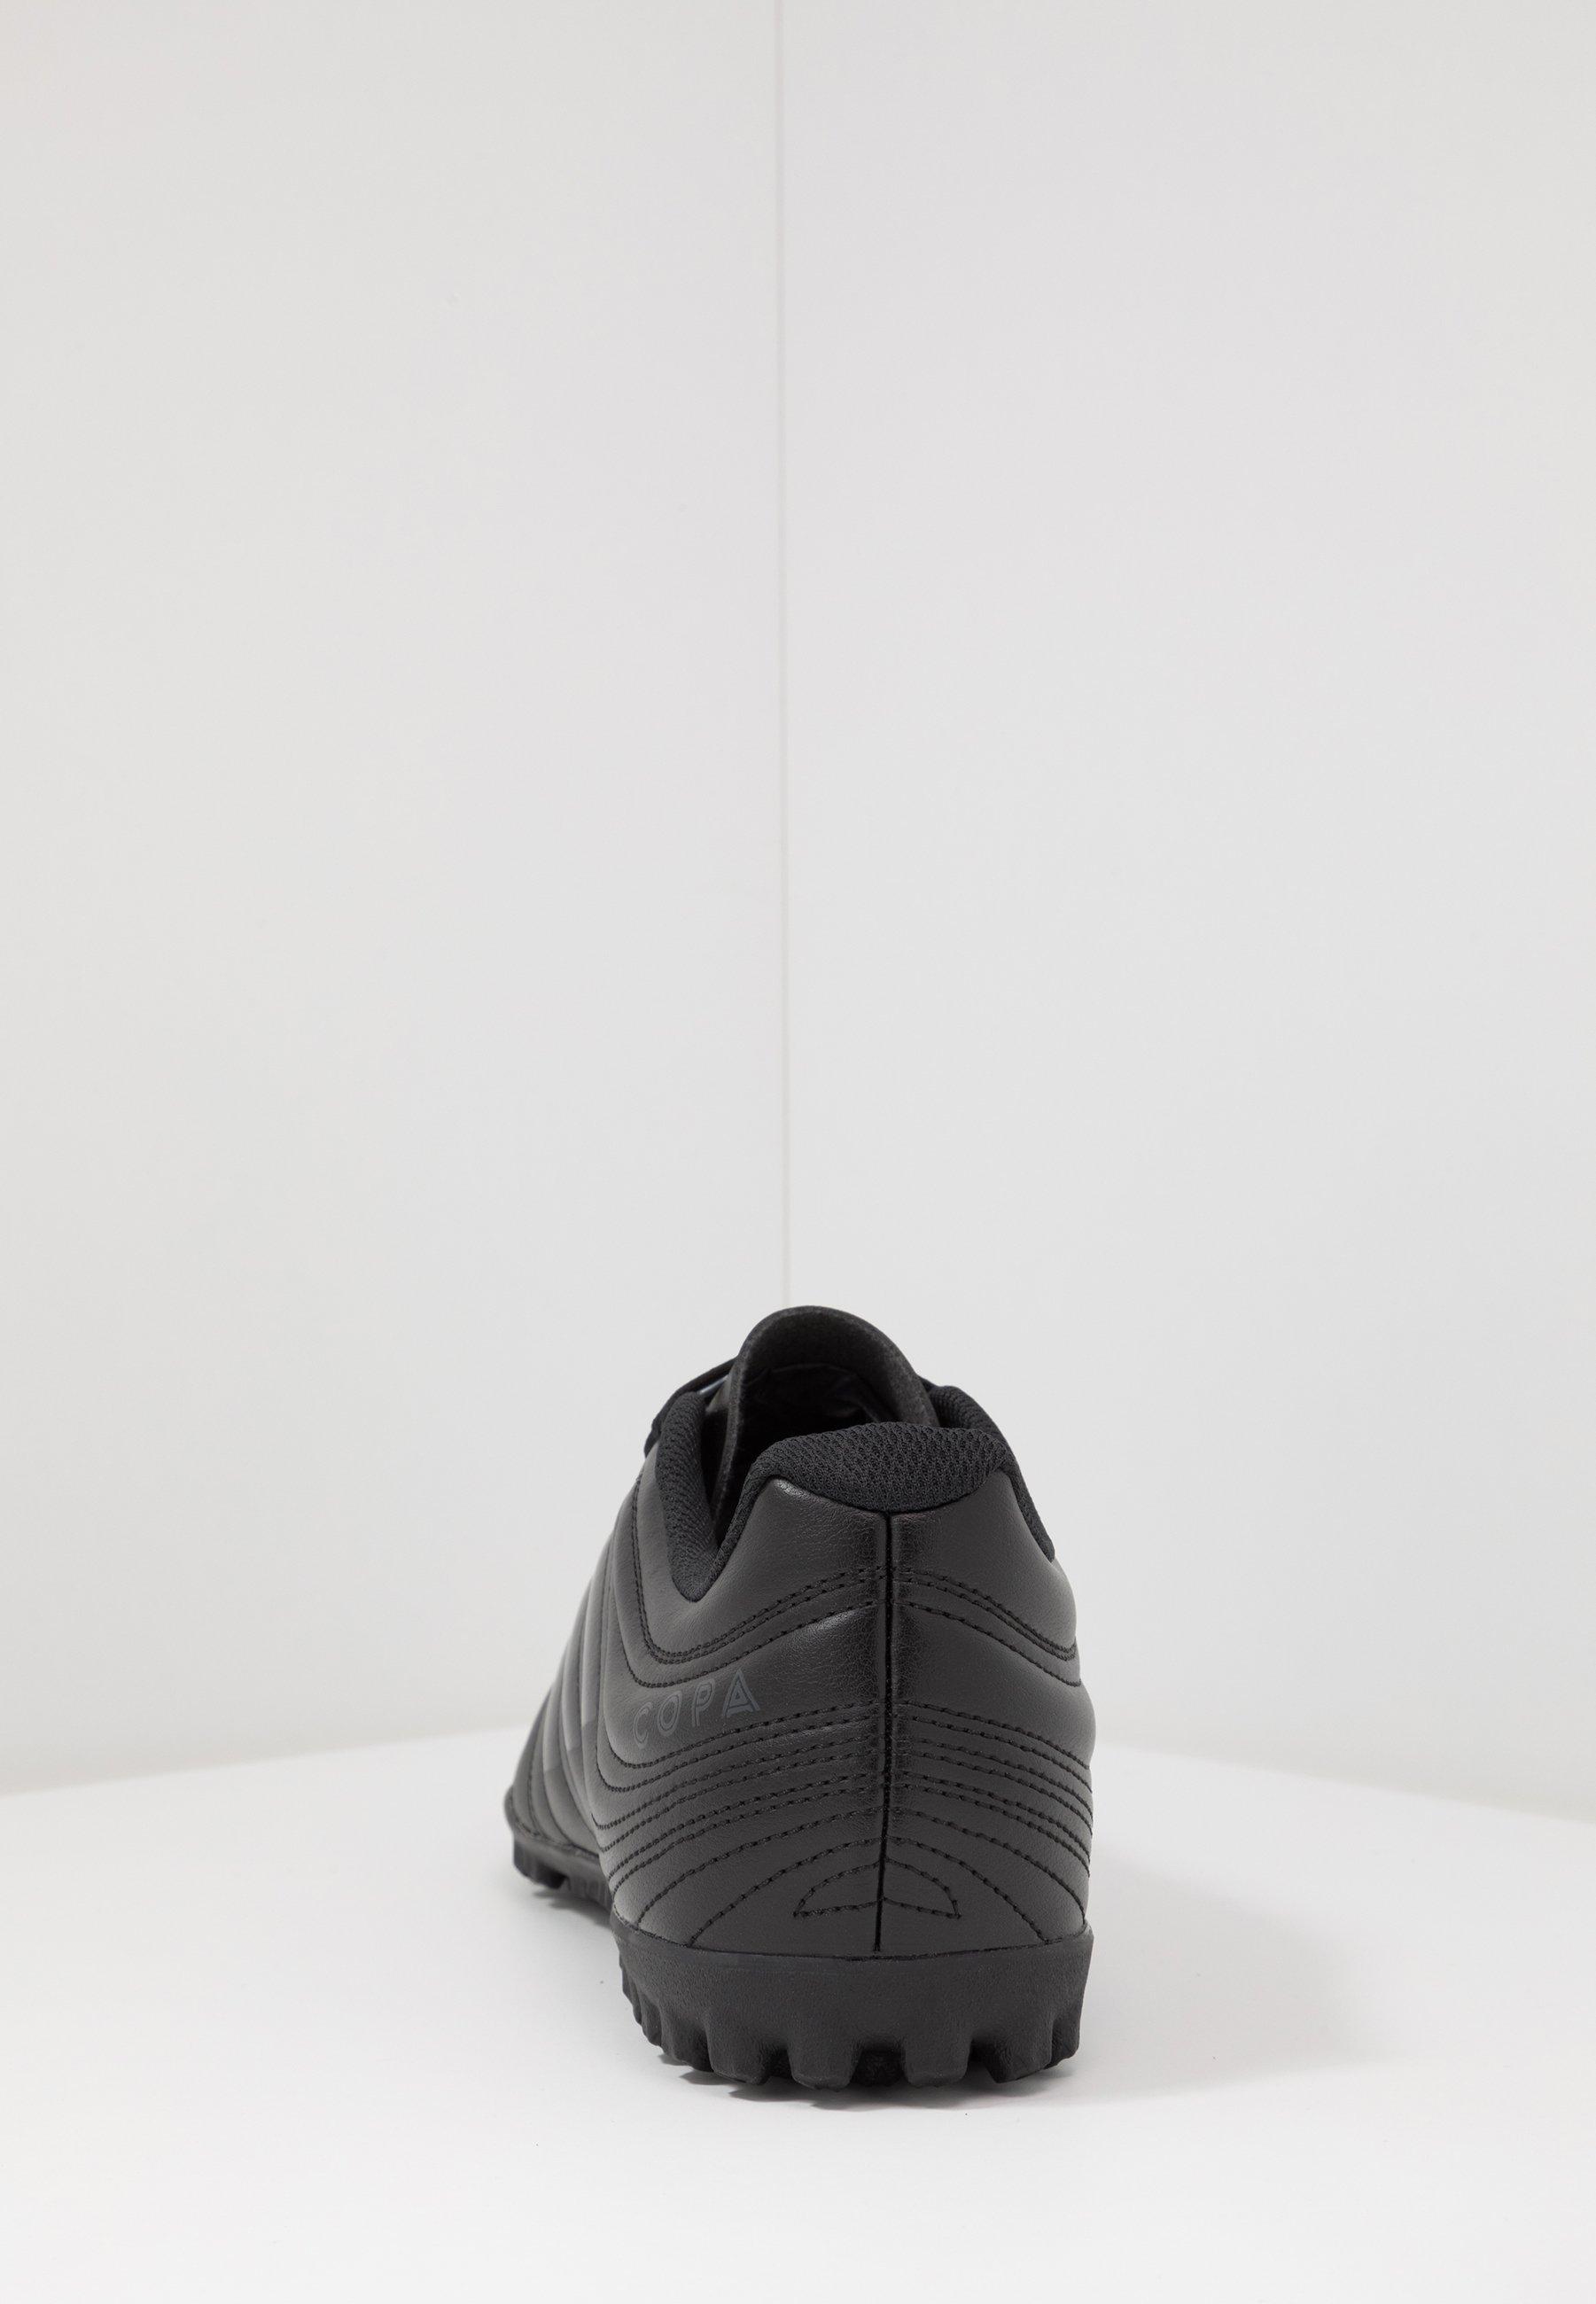 adidas Performance COPA 20.4 TF - Scarpe da calcetto con tacchetti - core black/solid grey rl0e12Ue